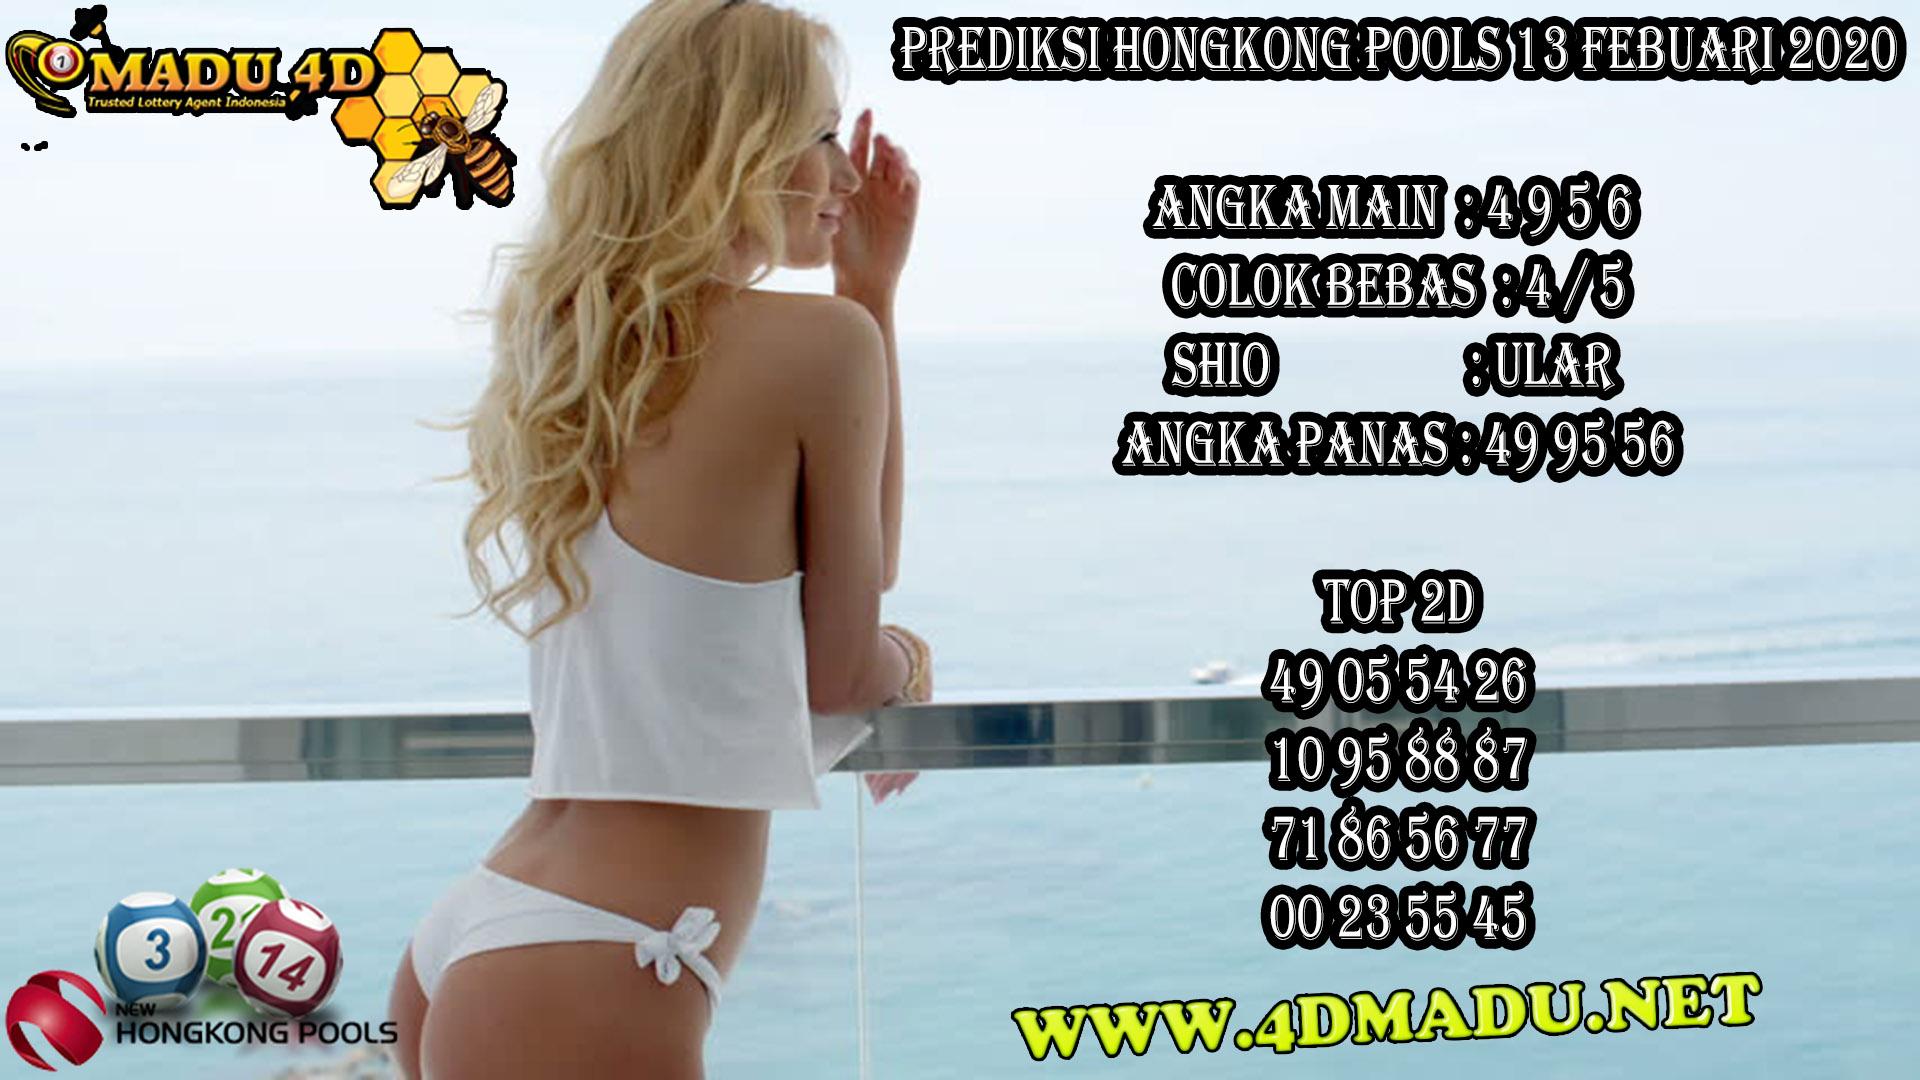 PREDIKSI HONGKONG POOLS 13 FEBUARI 2020